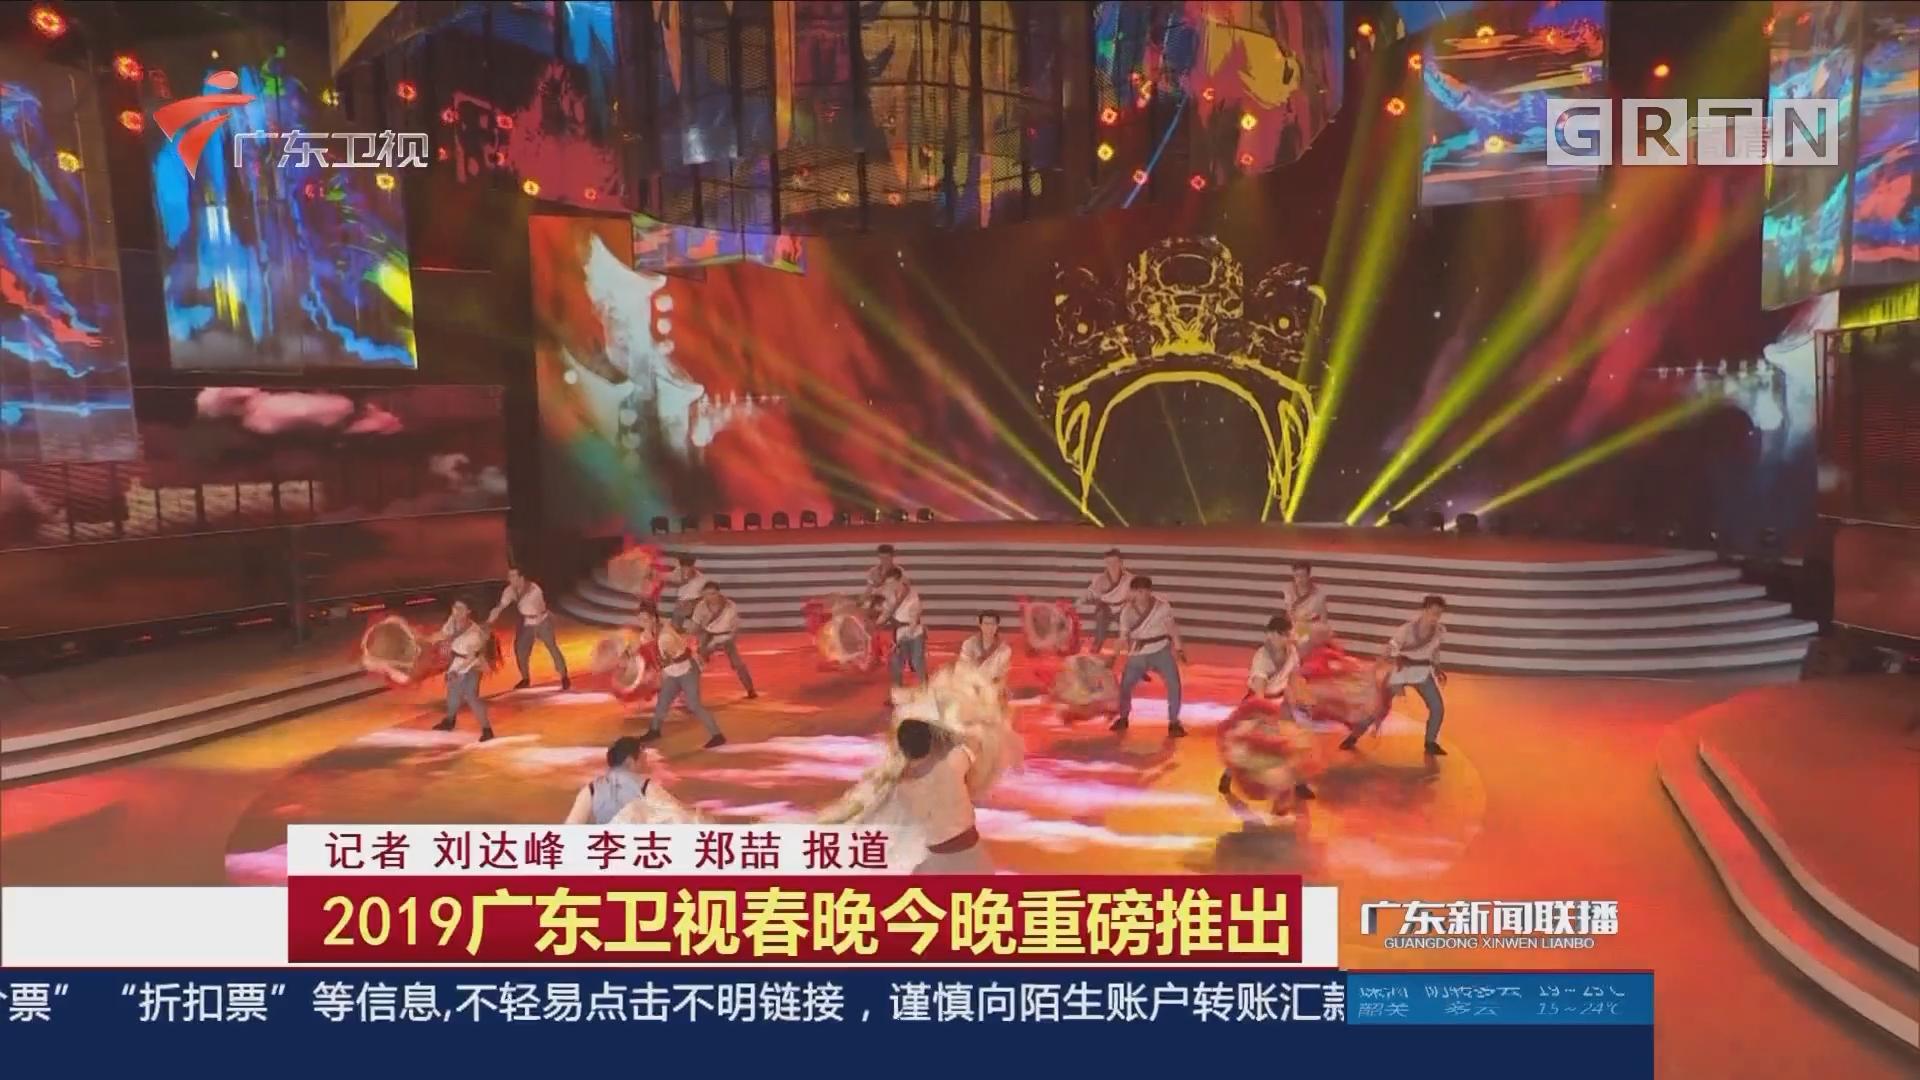 2019manbetx手机版 - 登陆卫视春晚今晚重磅推出